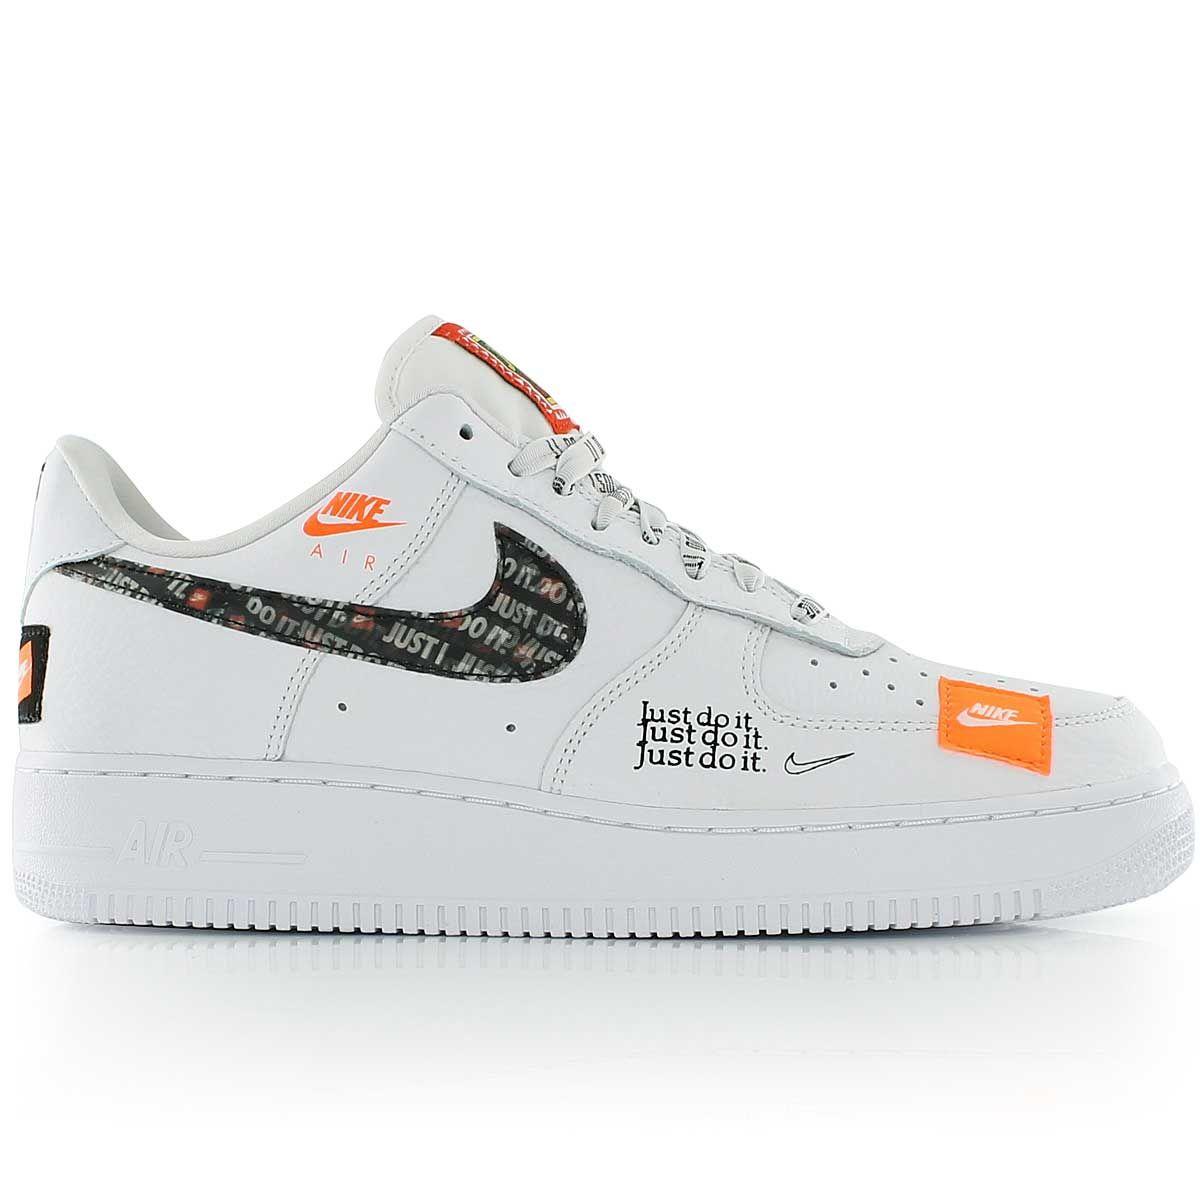 Nike Air Force 1 07 Prm Jdi White White Black Total Orange Sneaker Turnschuhe Damen Streetwear